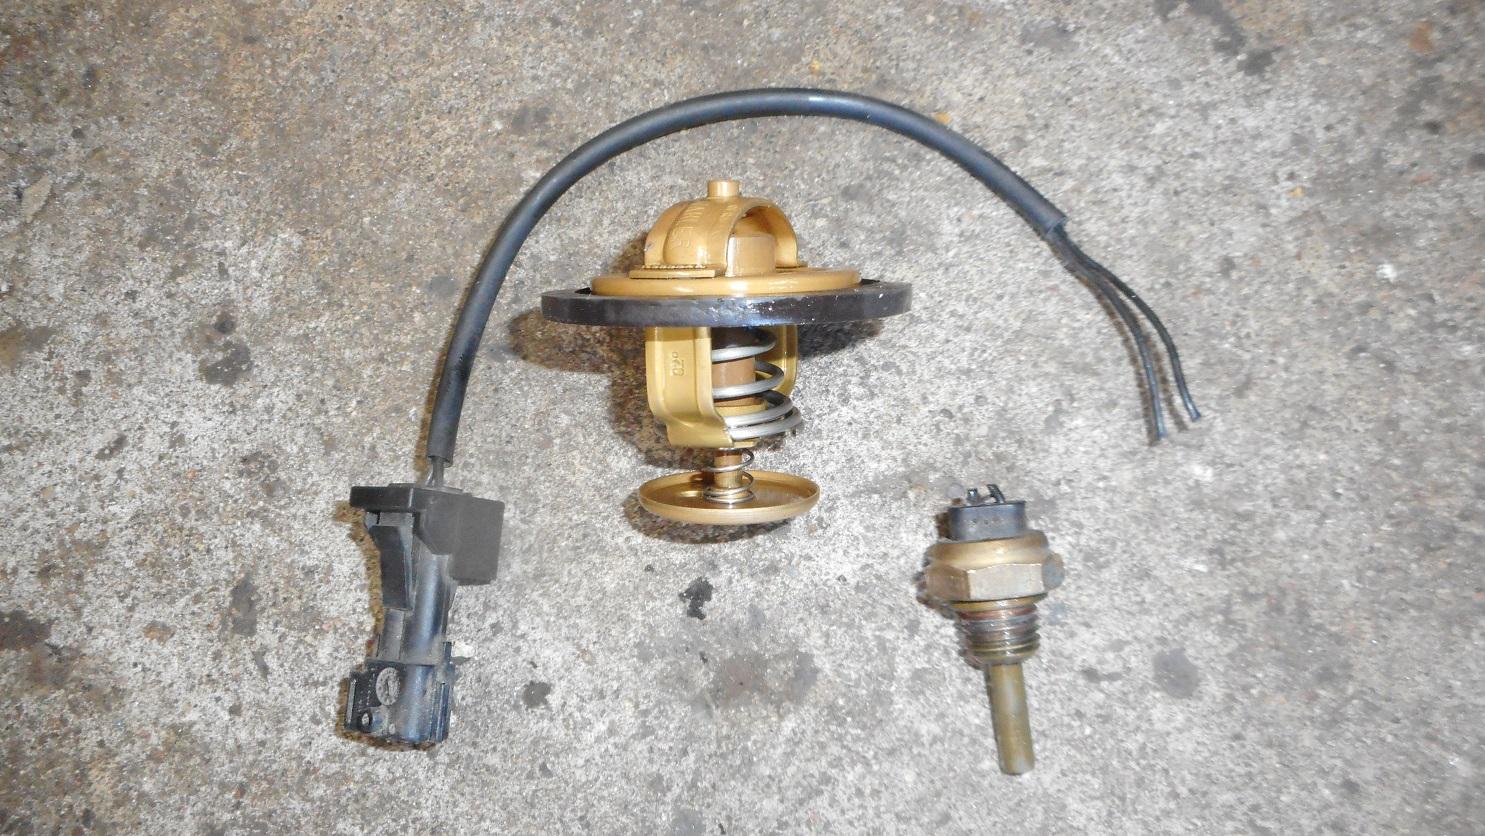 DSCN2651